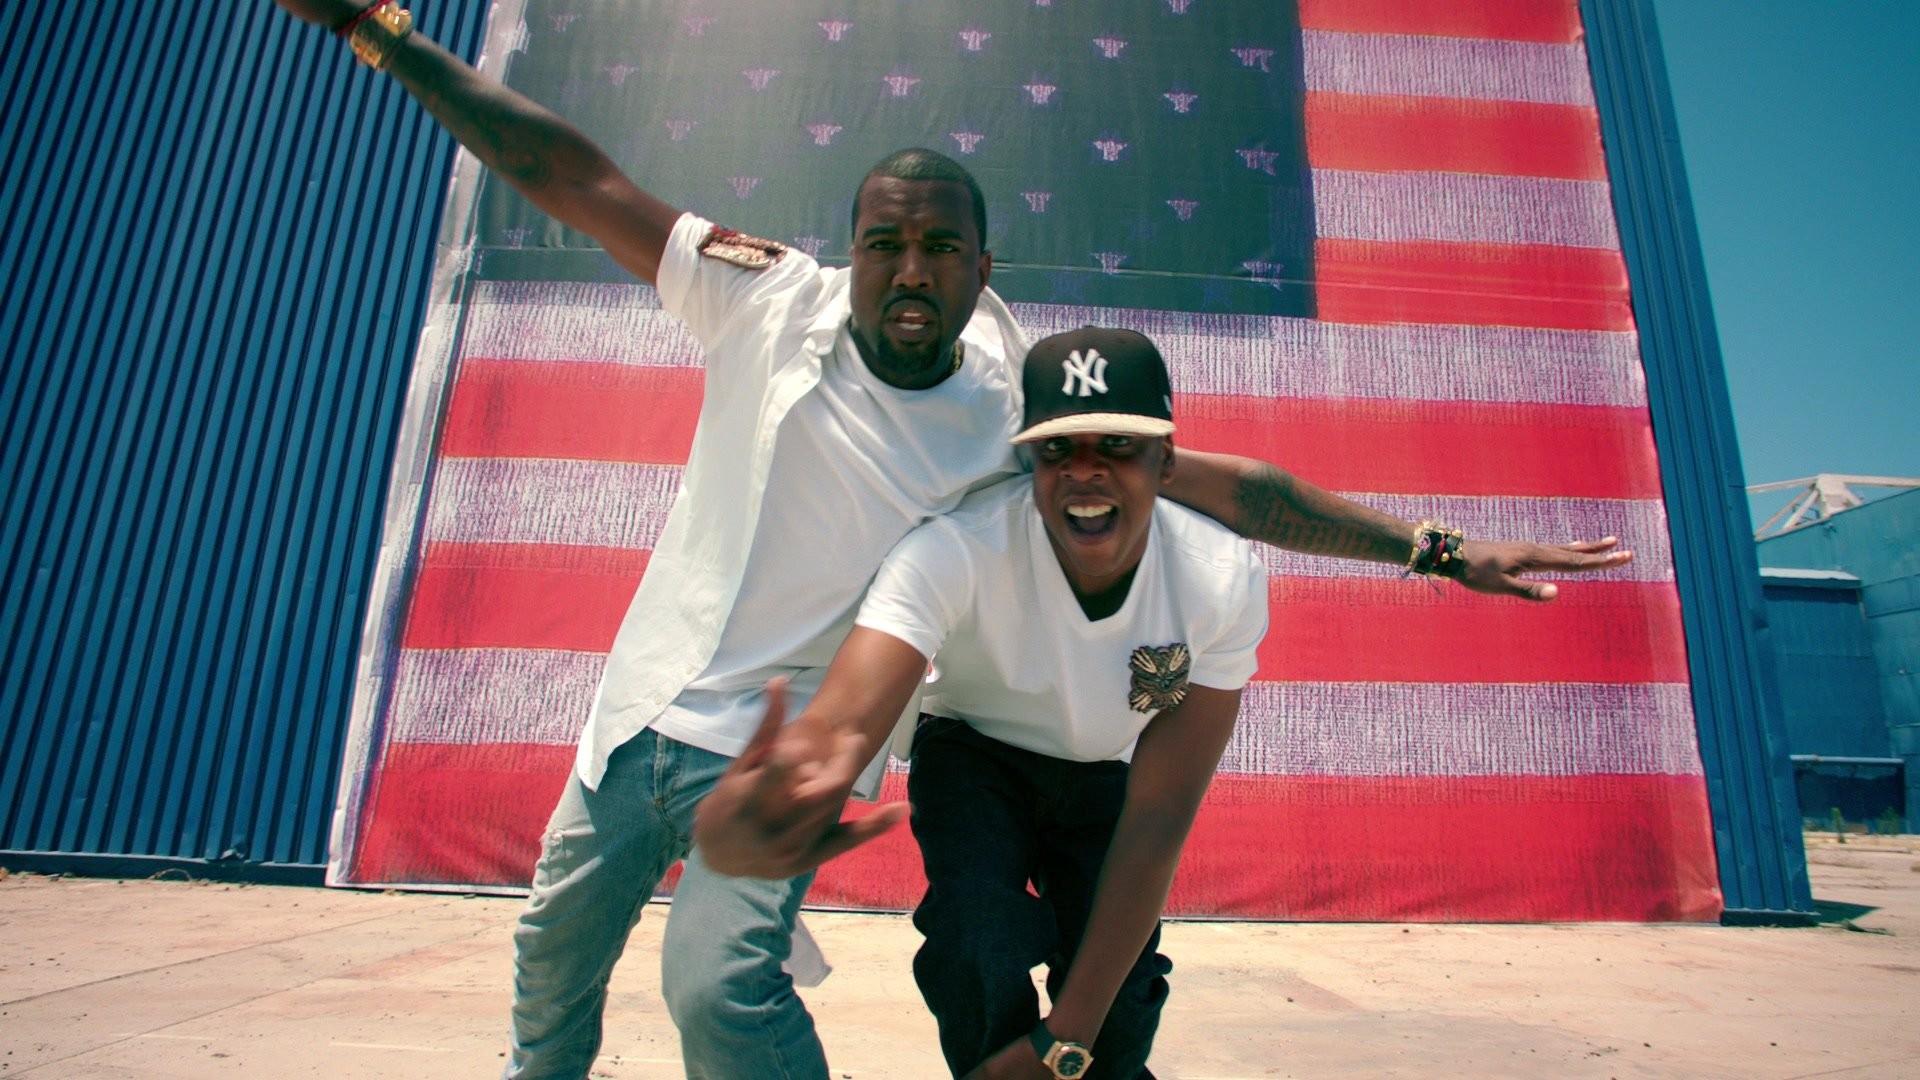 Kanye west desktop background. kanye wallpapers rappers wallpaper.